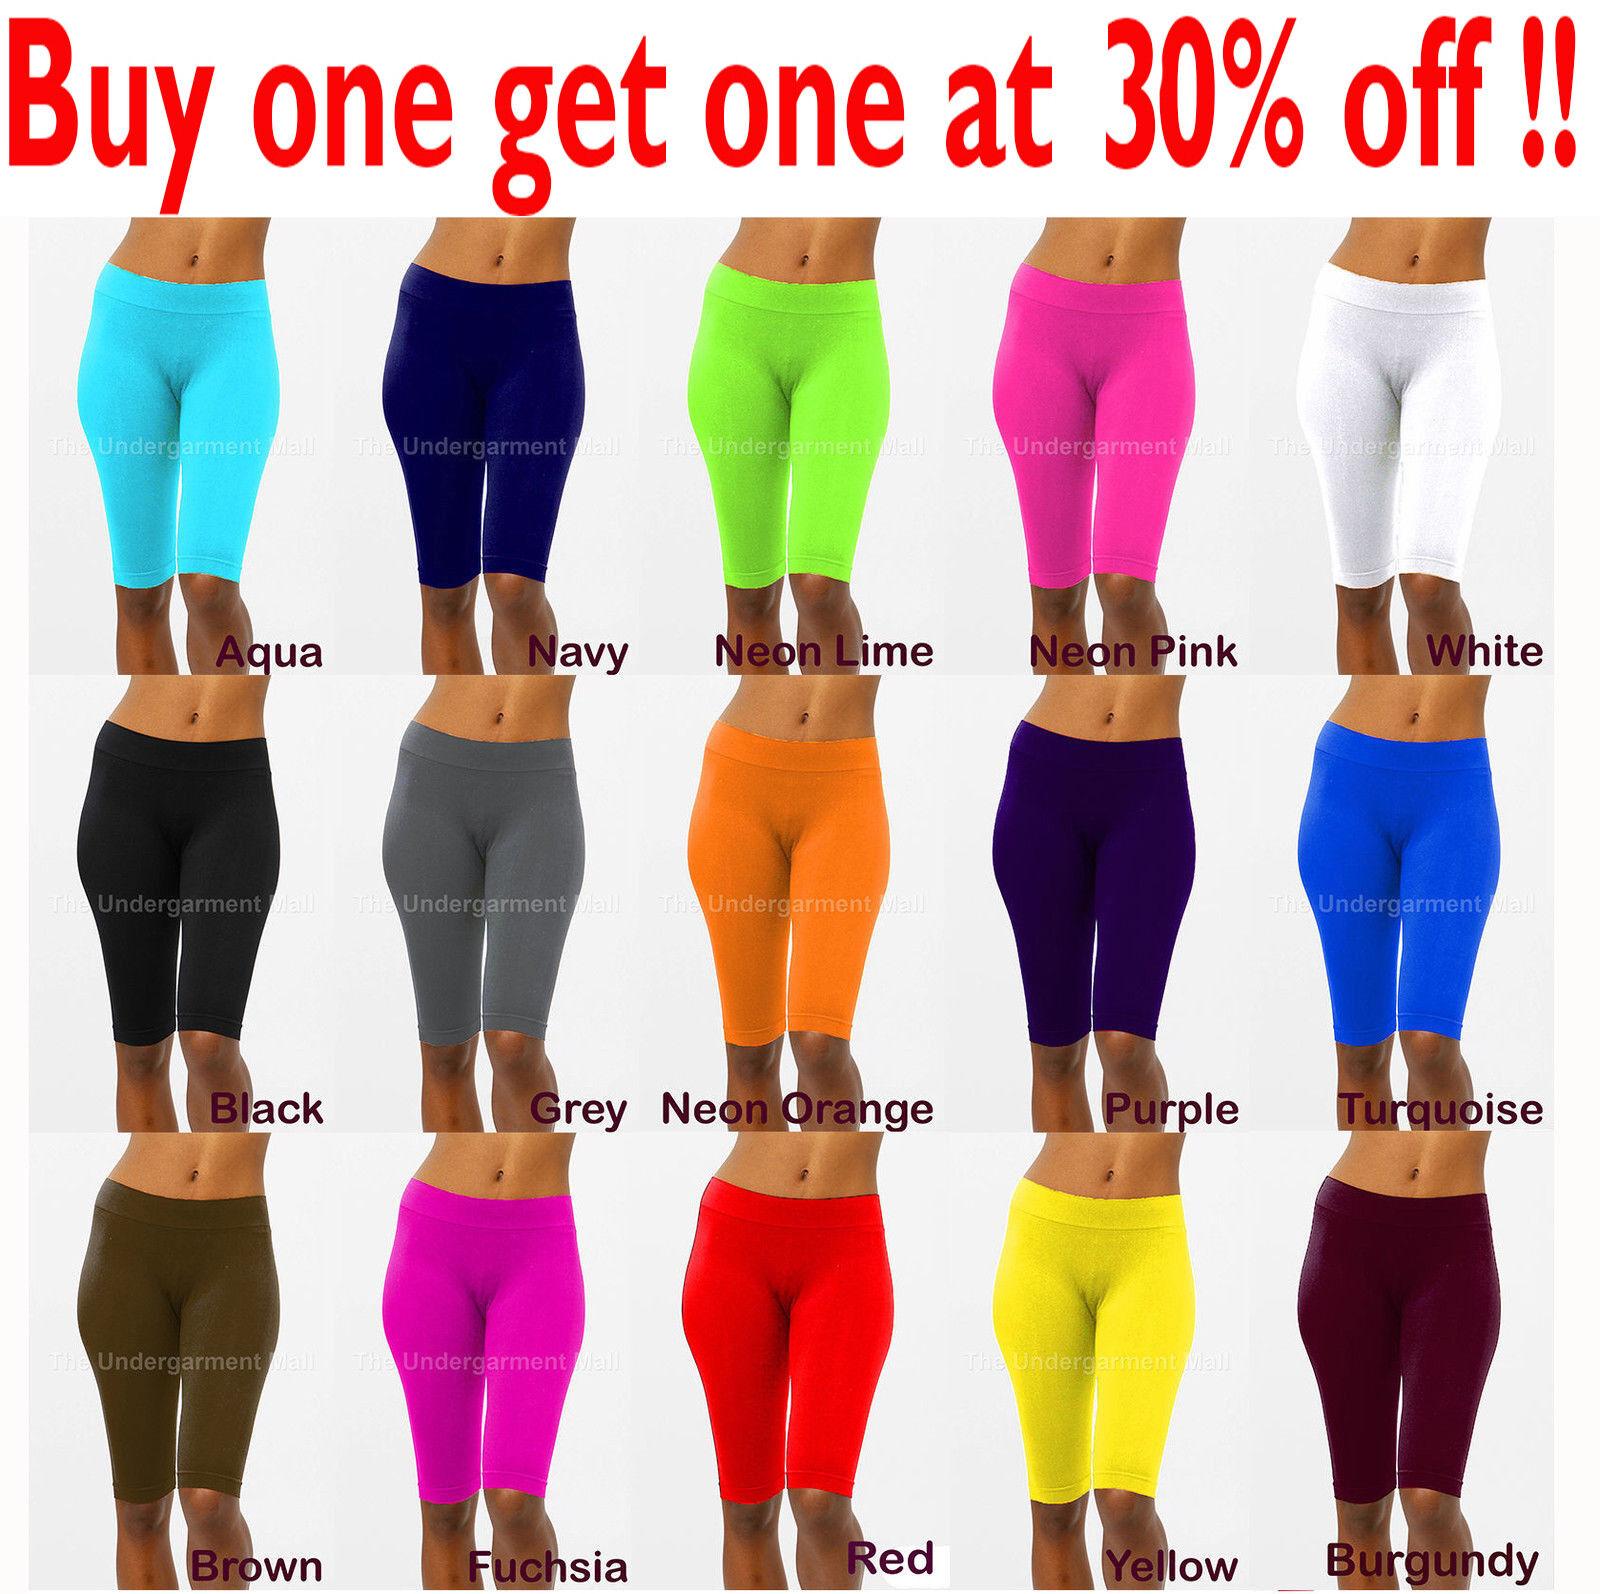 Women/'s Leggings Stretch Biker Shorts Workout Spandex New Yoga Pants XS,S,M,L,XL